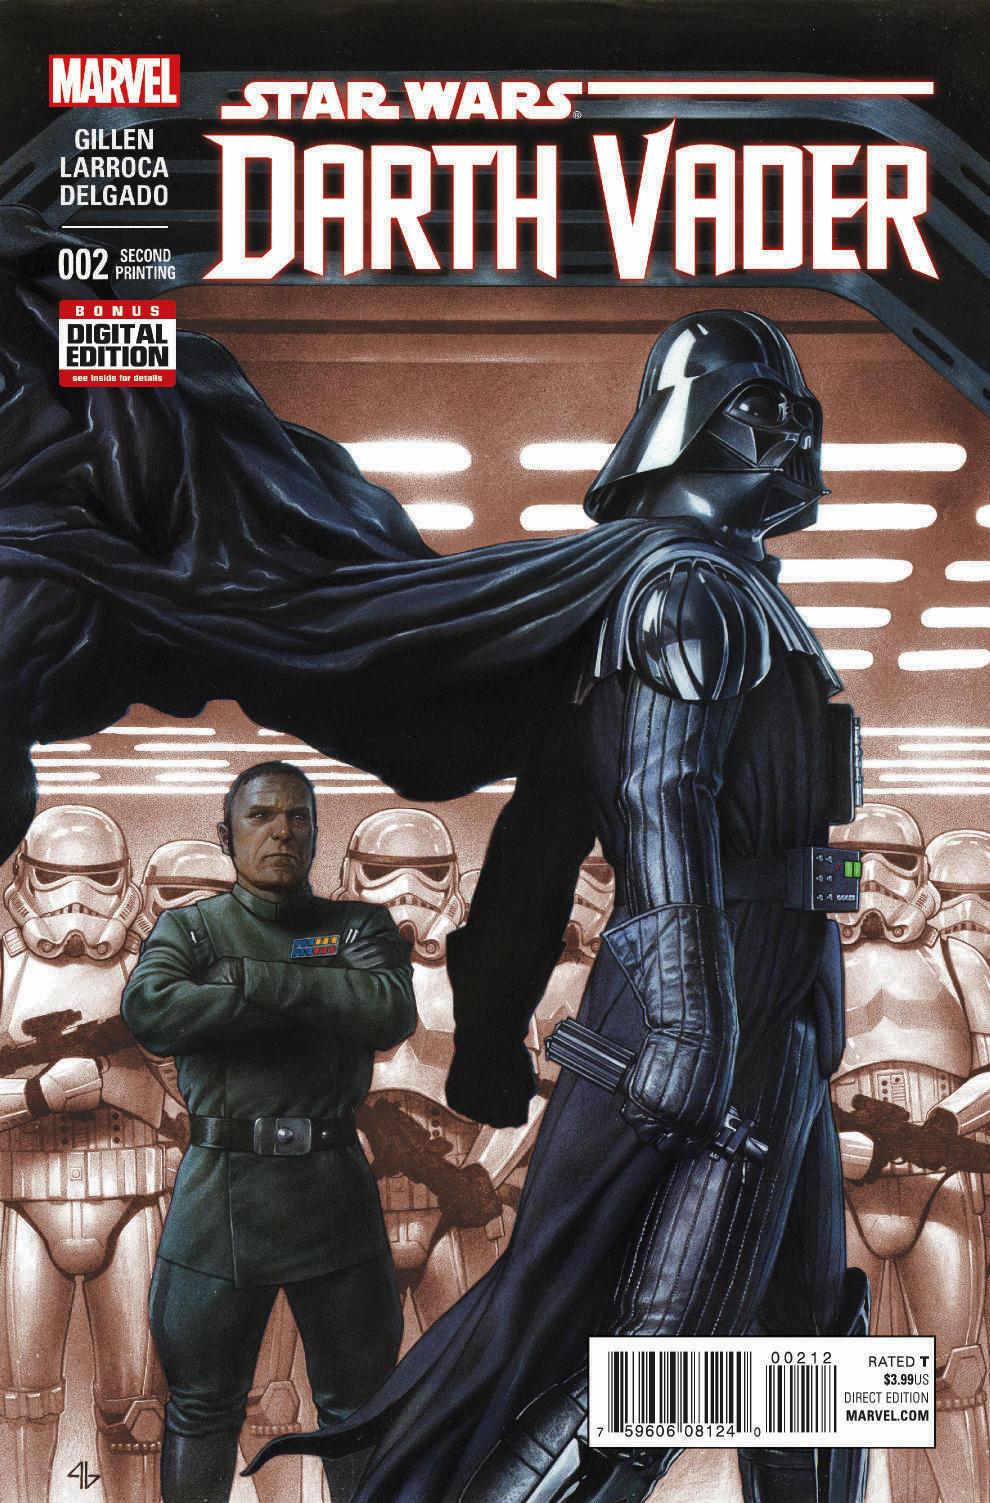 Darth Vader #2 (2nd Printing) (01.04.2015)